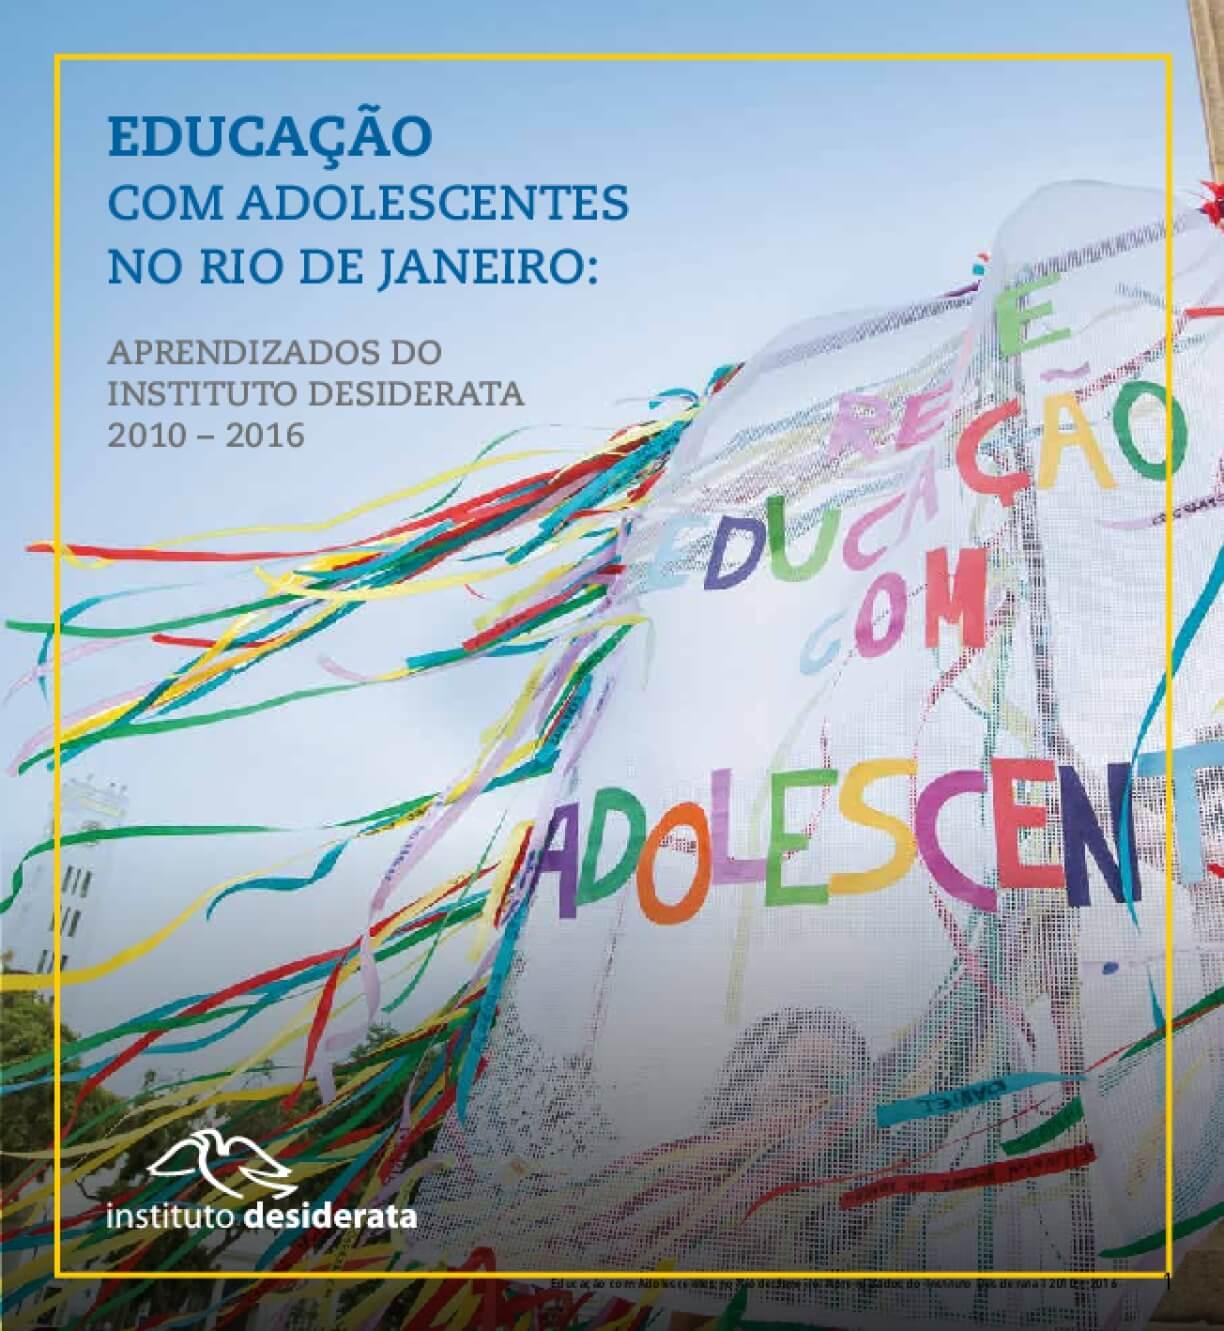 EDUCAÇÃO COM ADOLESCENTES NO RIO DE JANEIRO: APRENDIZADOS DO INSTITUTO DESIDERATA 2010 – 2016